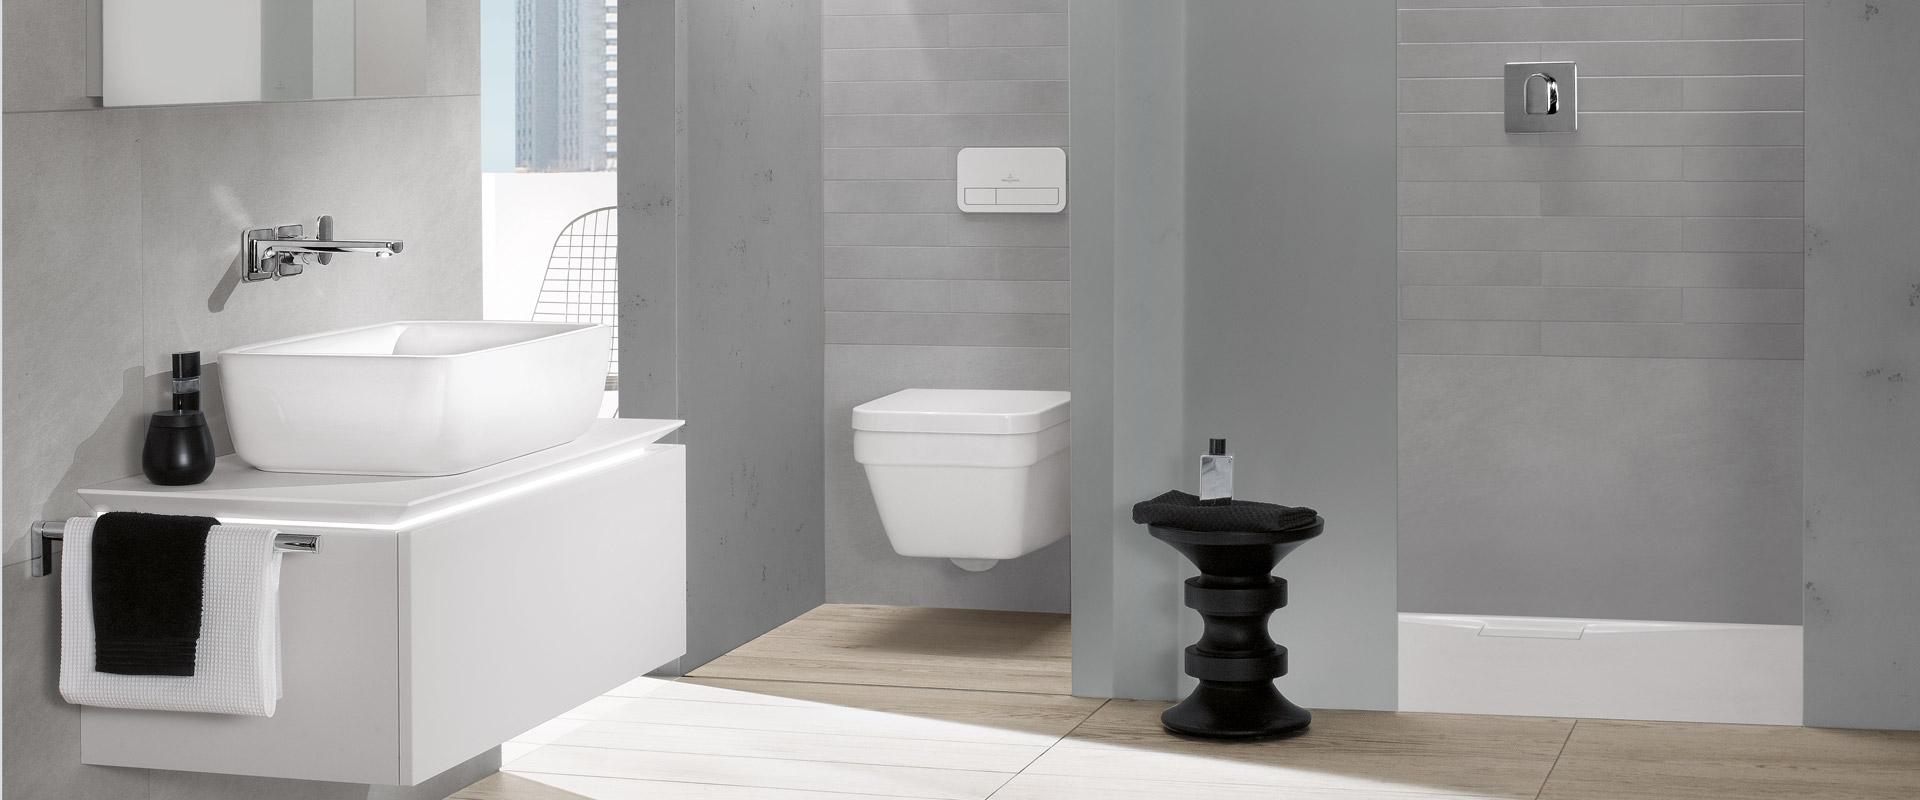 Architectura – tijdloos design voor uw badkamer